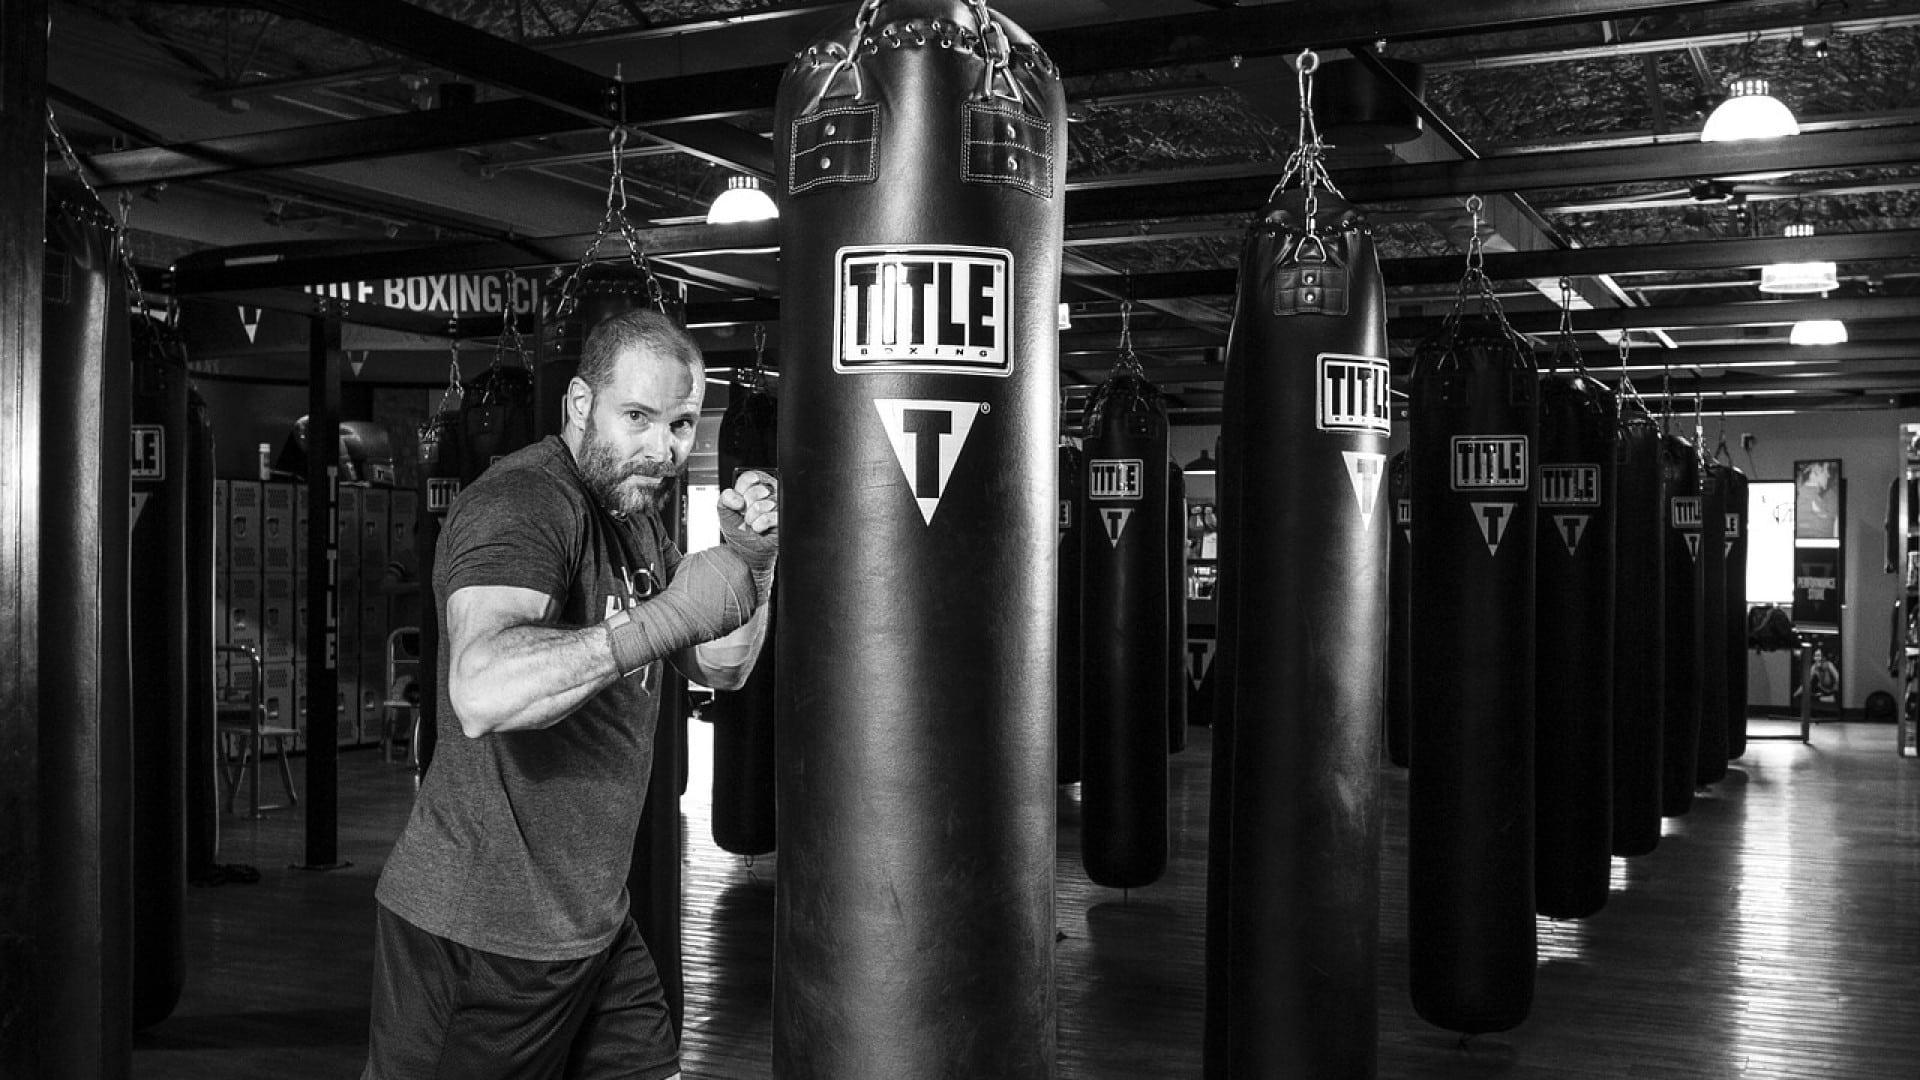 Arts martiaux et sports de combats, 3 équipements de choix pour s'entraîner à la maison